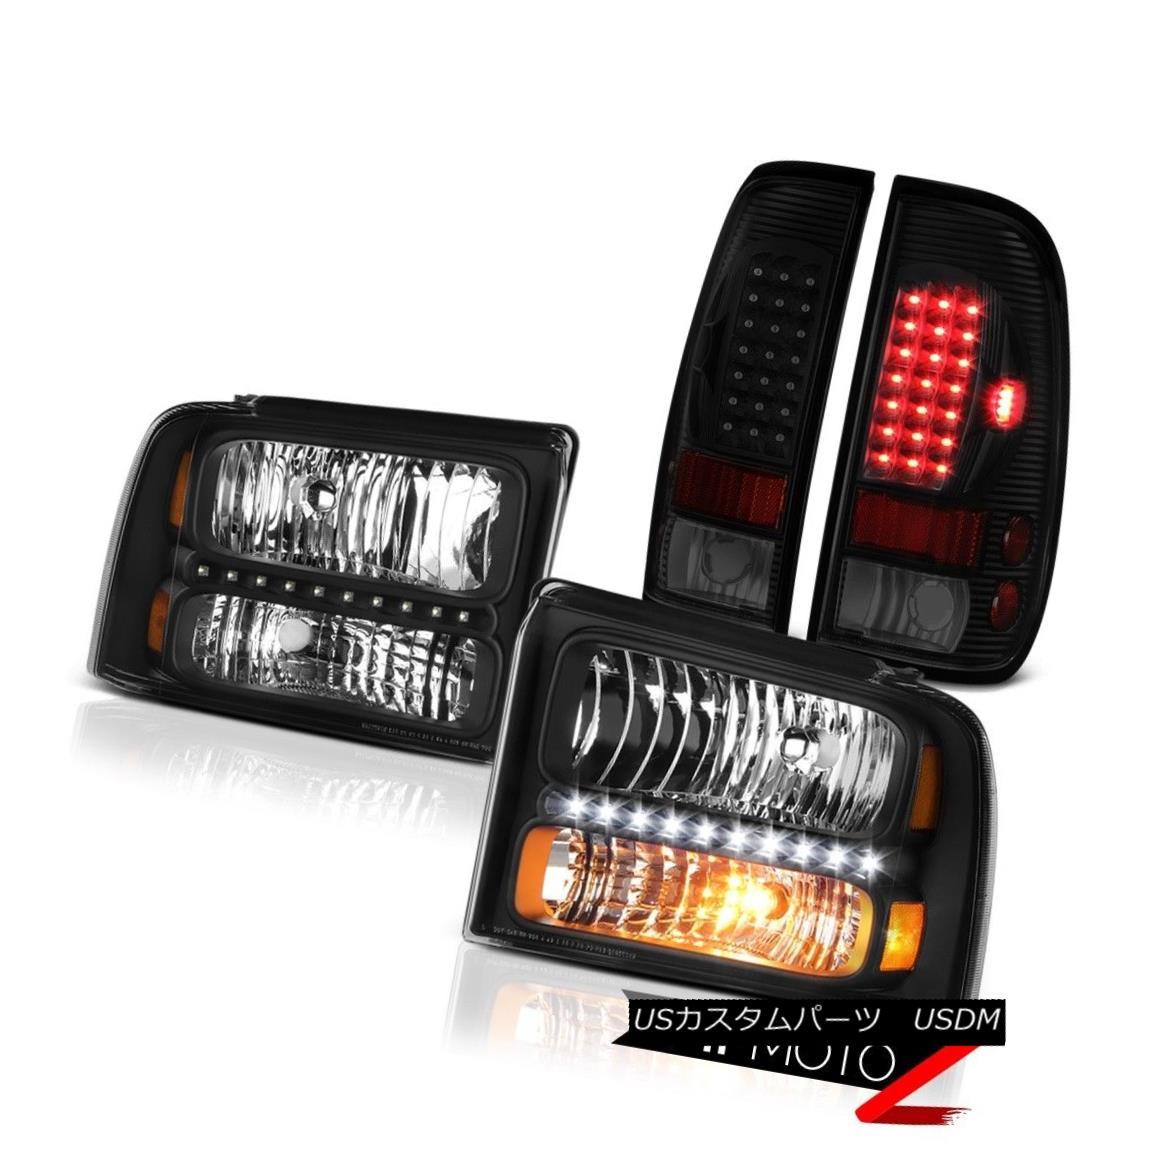 ヘッドライト 05 06 07 F350 6.8L Matte Black Headlamps Dark Tinted Tail Brake Lights LED Drl 05 06 07 F350 6.8LマットブラックヘッドランプダークテールテールブレーキライトLED Drl